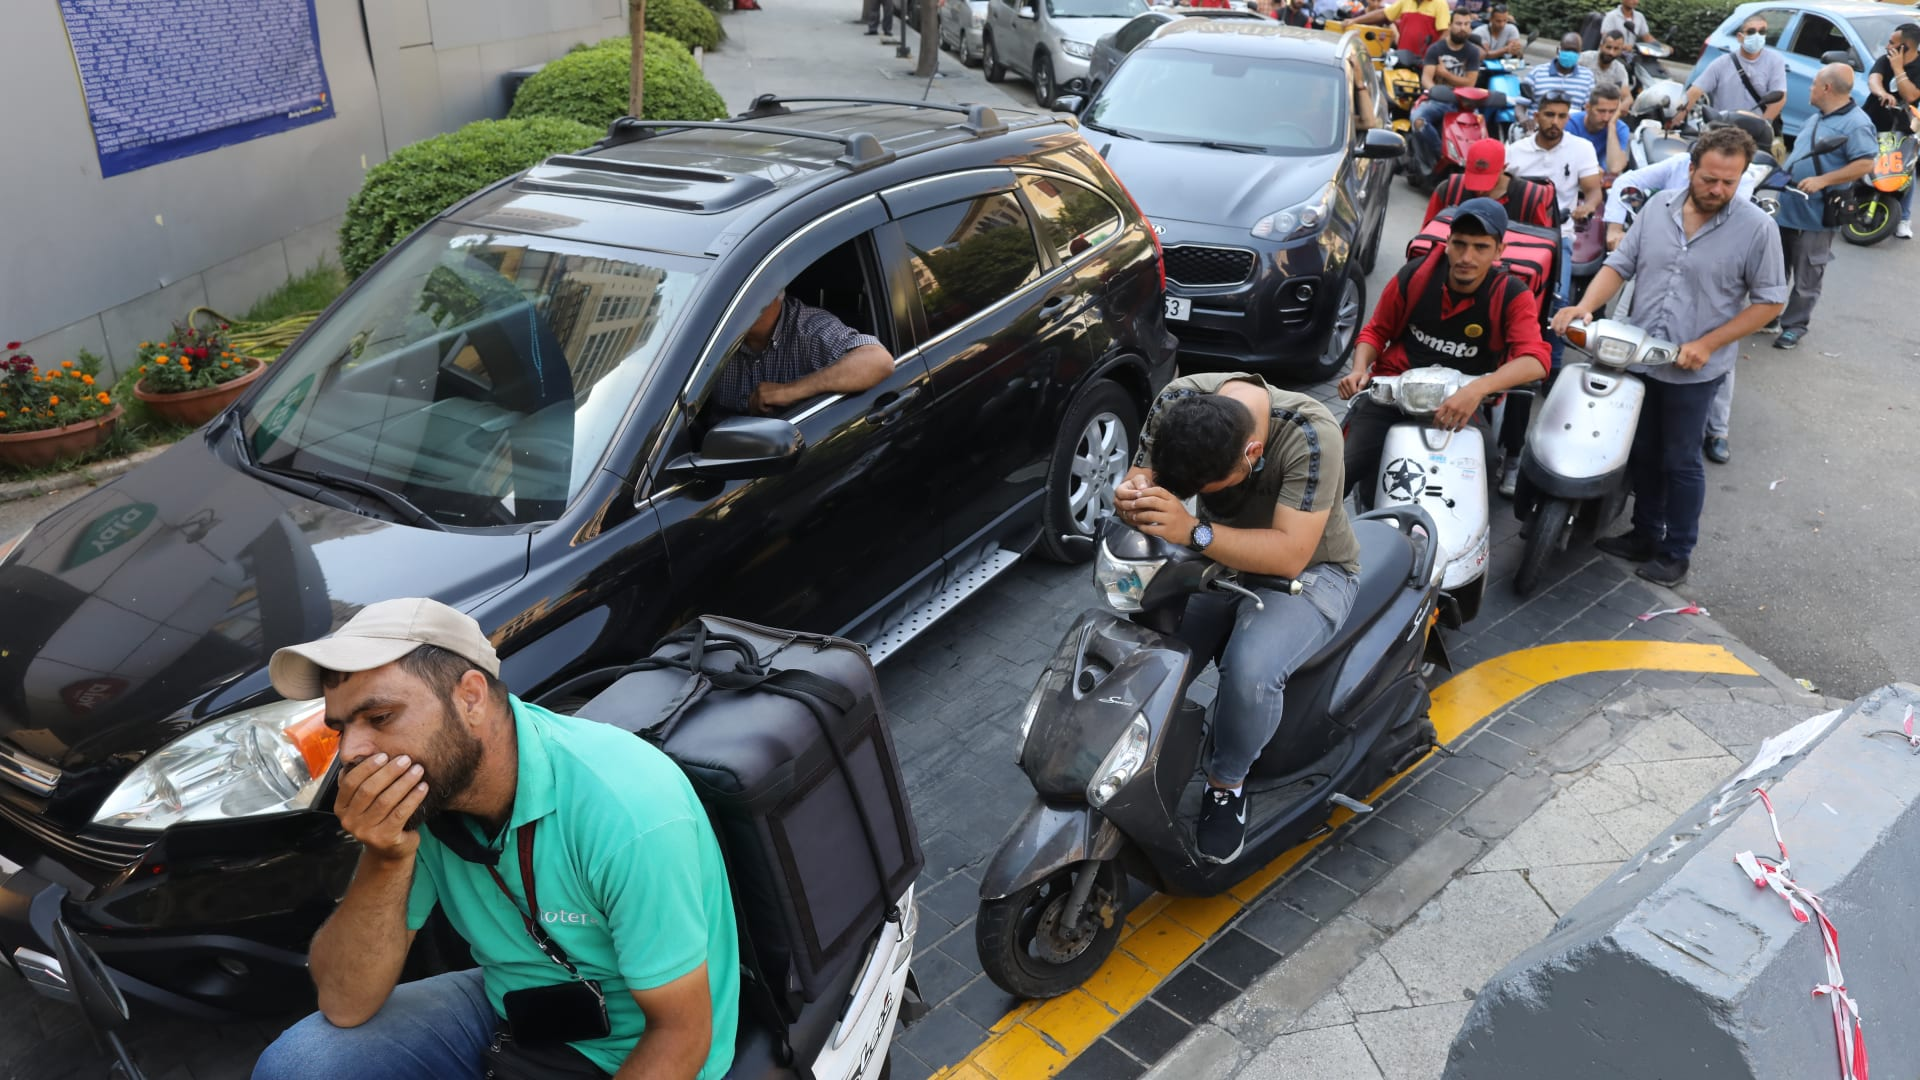 أشخاص في سيارات يصطفون للتزود بالوقود من محطة بنزين في بيروت، لبنان